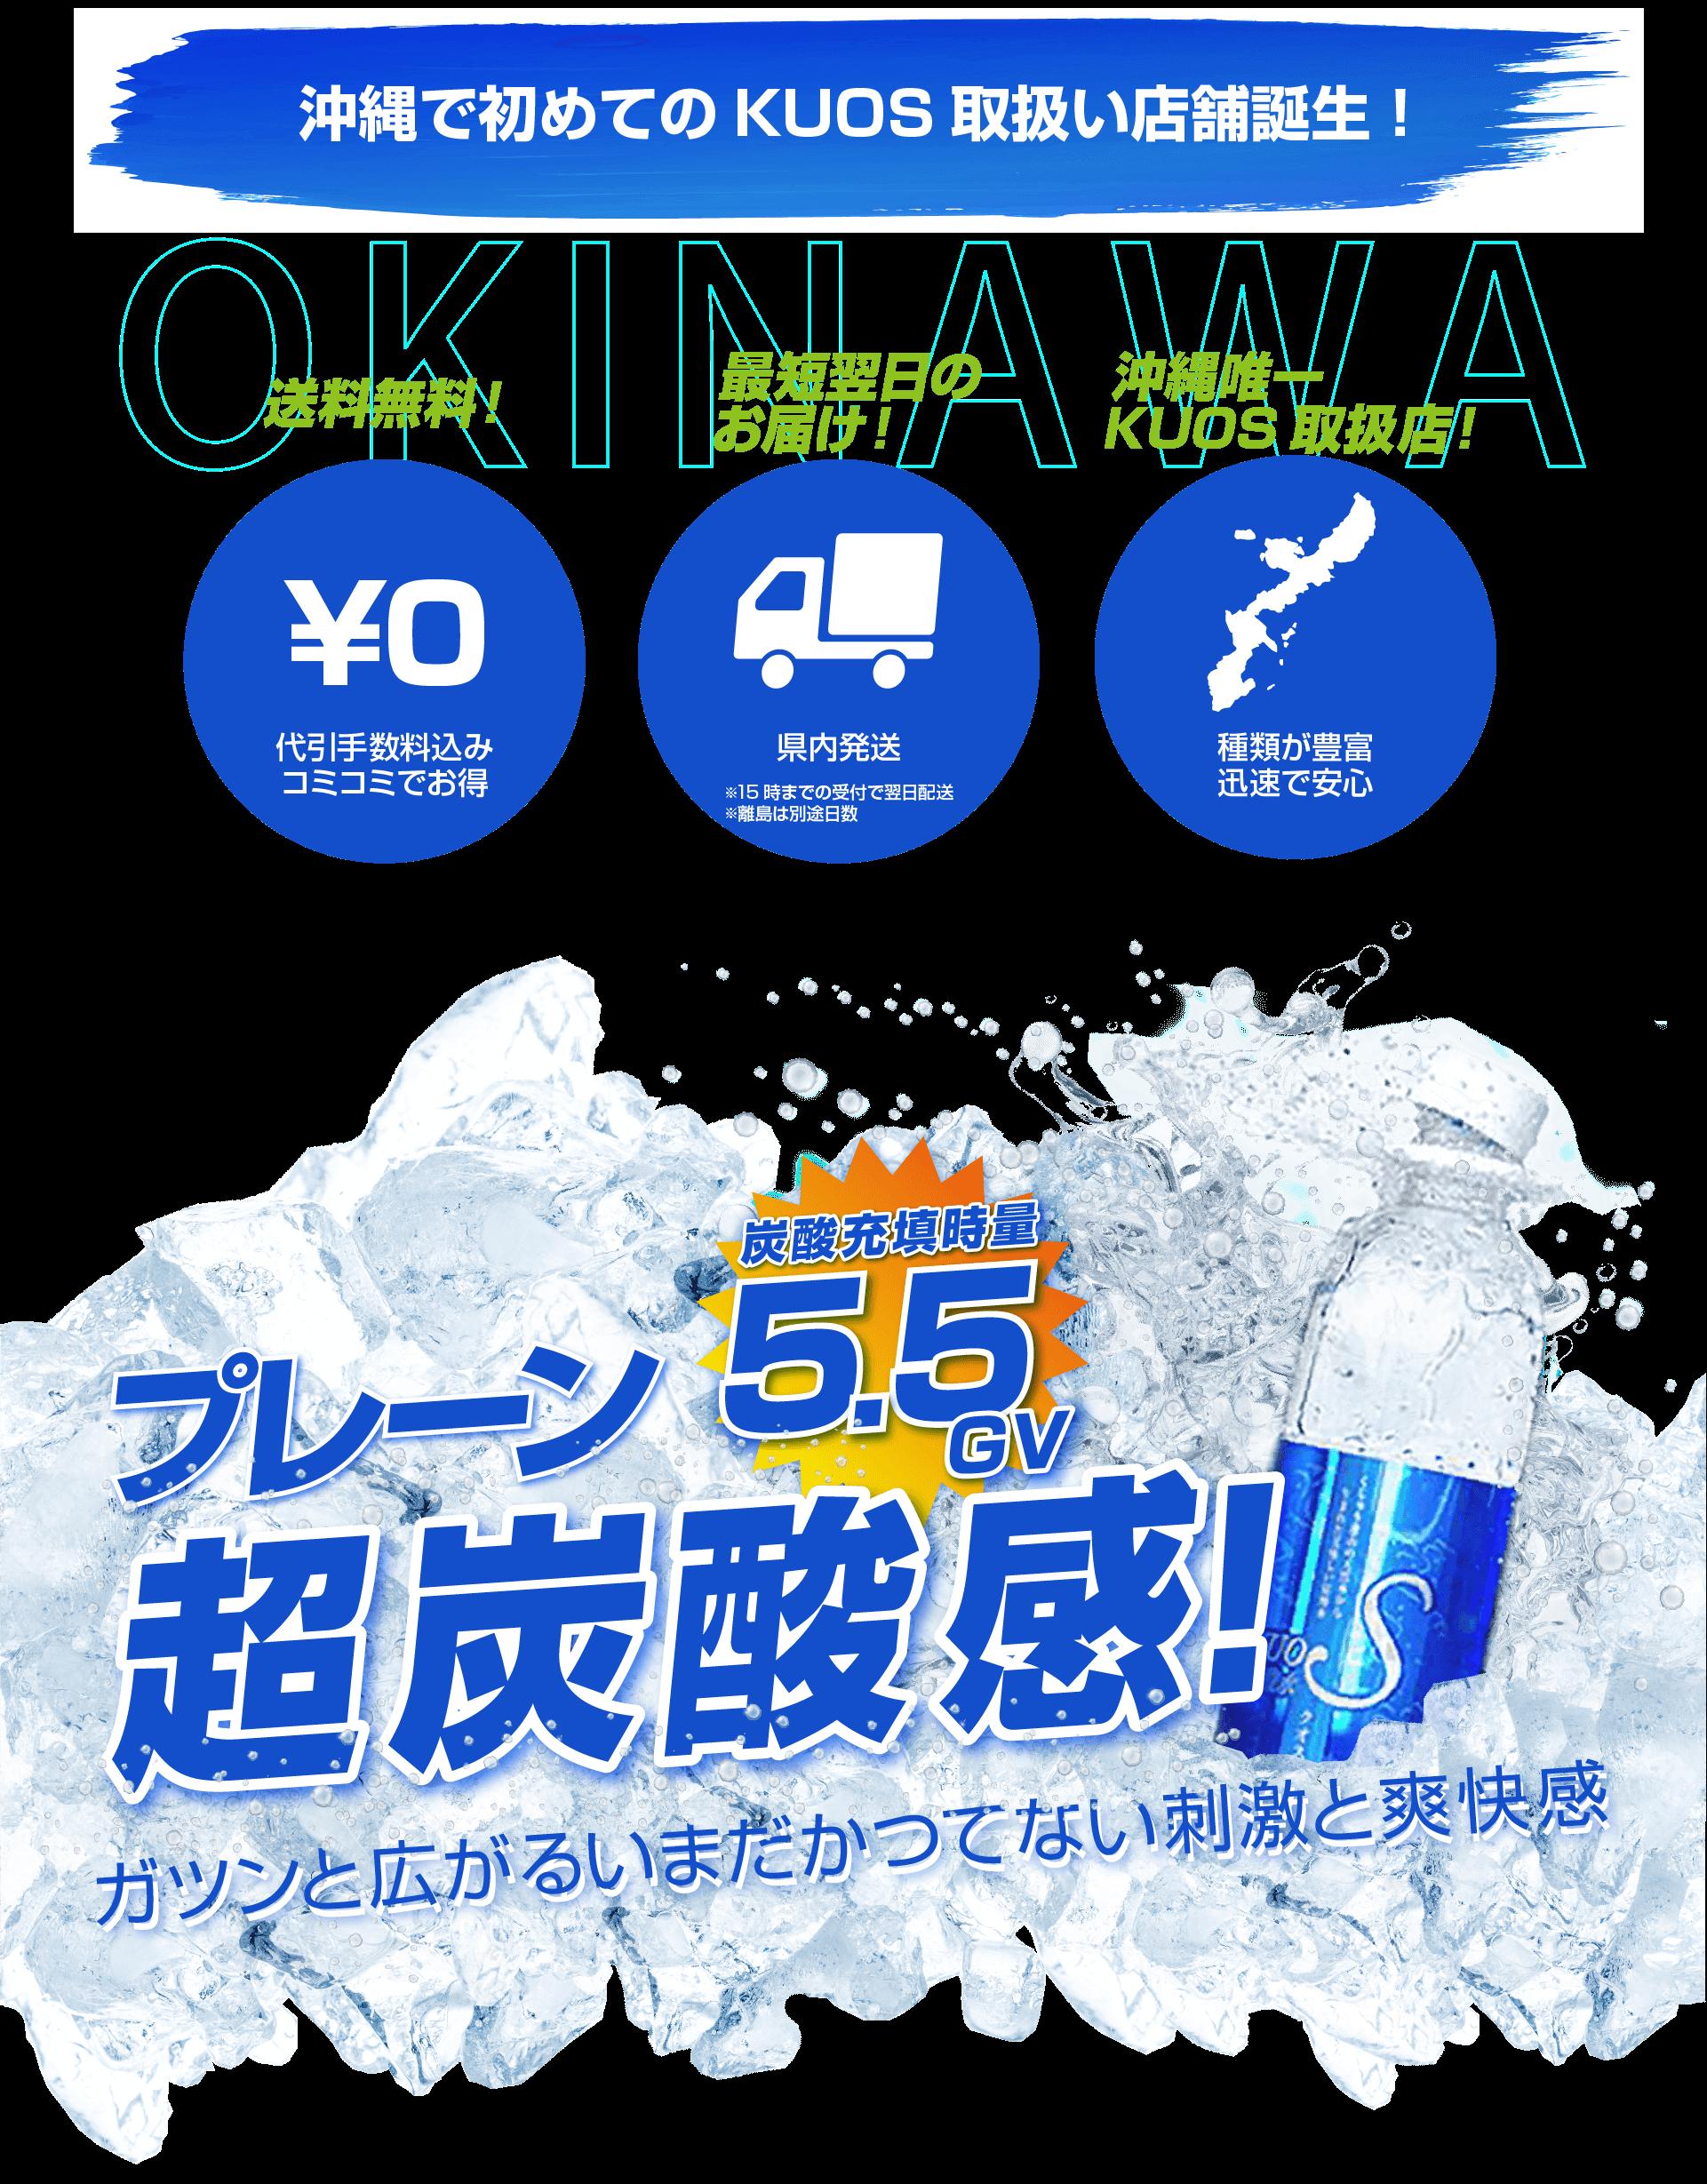 沖縄で初めてのKUOS取扱店舗誕生!